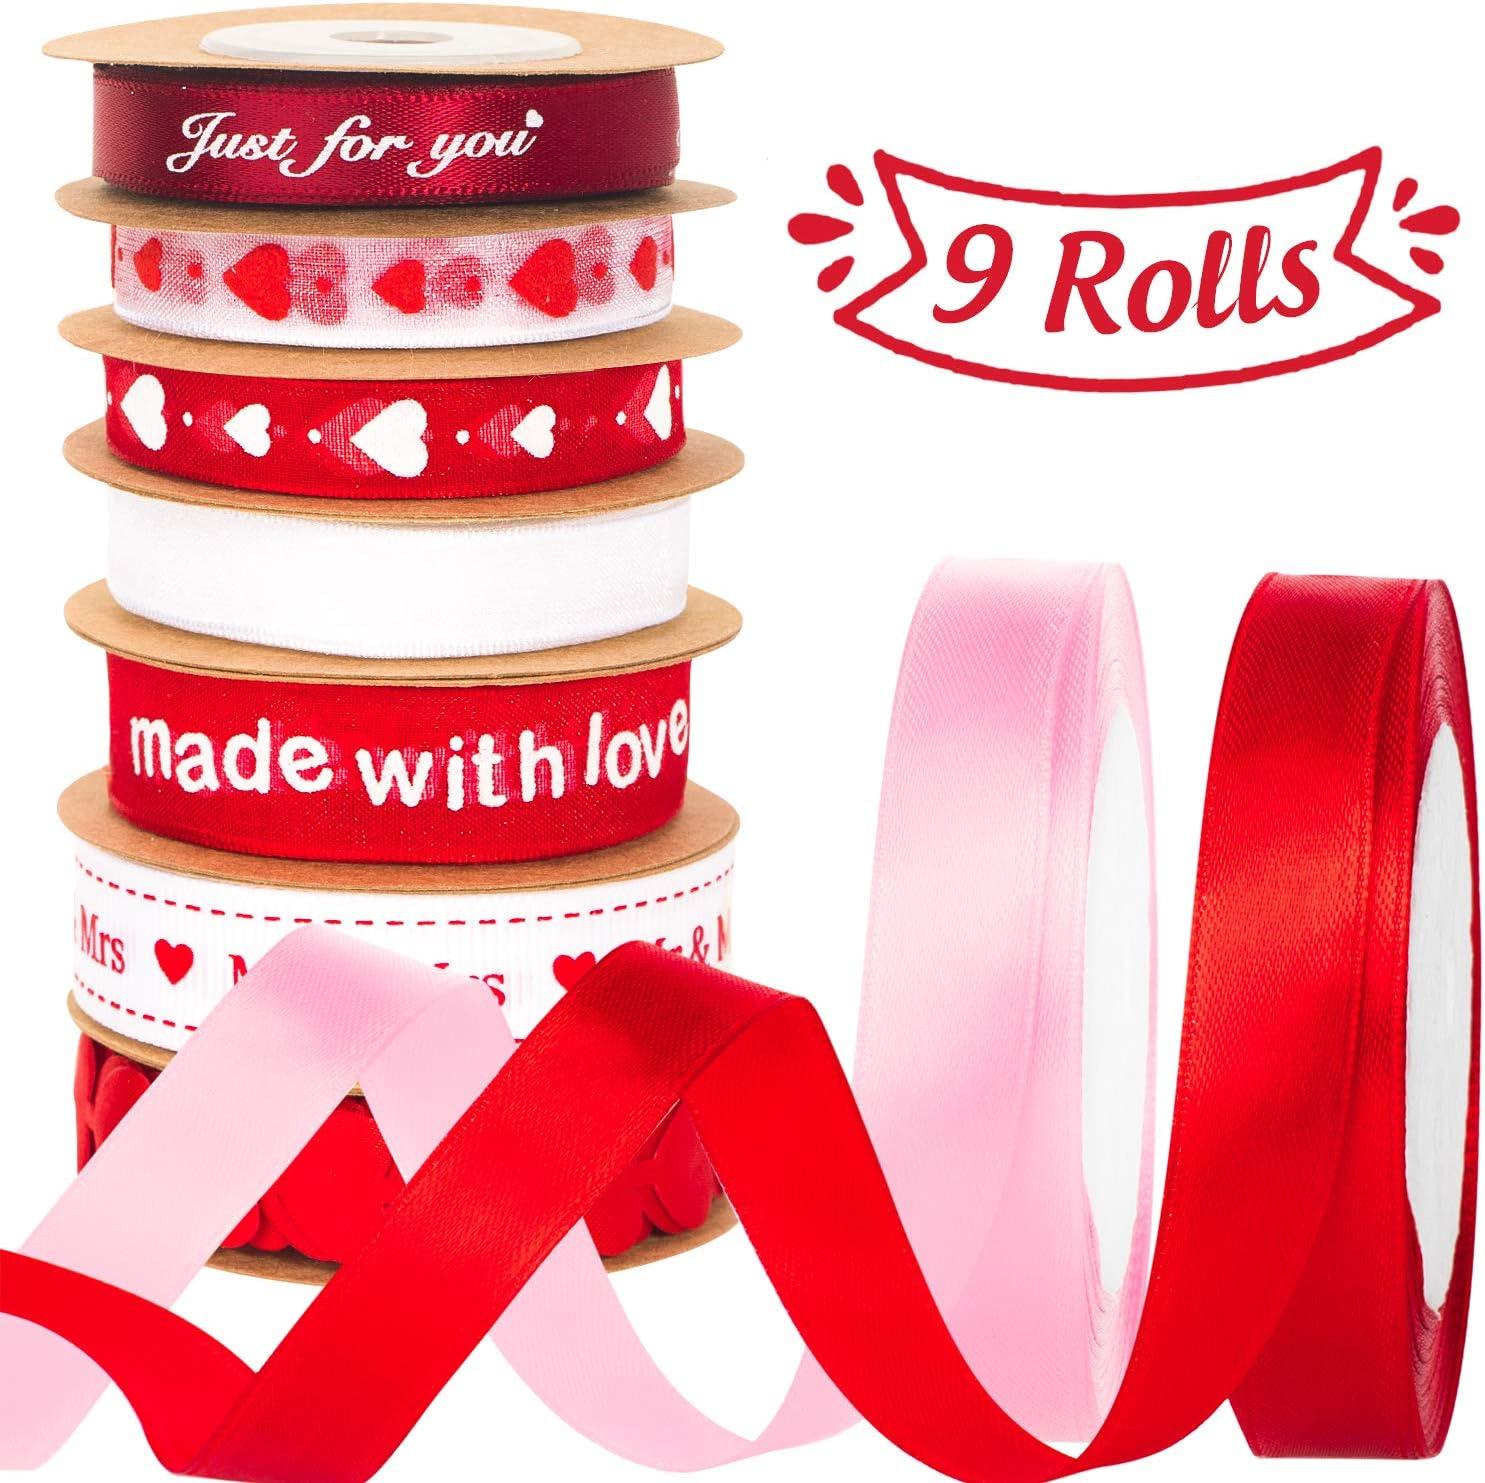 Whaline - Cintas para el día de San Valentín, 9 rollos de cinta de grogrén estampada satinada para decoración de boda, día de San Valentín, manualidades (10 mm / 15 mm de ancho)